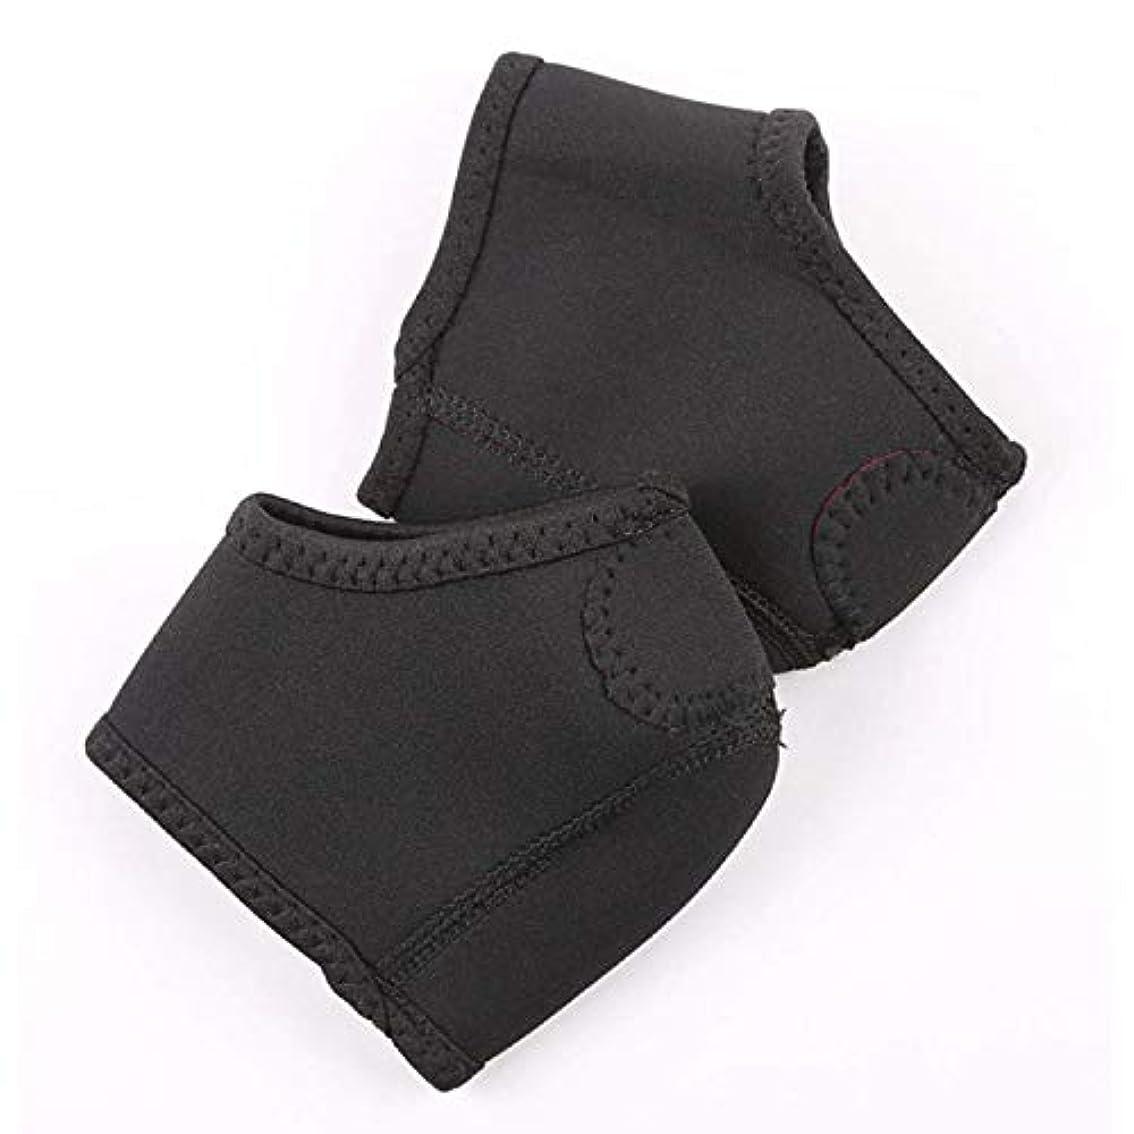 民間休憩するハンドブック2個 セット しっかりフィット タイプ 保護 靴下 足用 カバー ソックス インソール パッド 衝撃吸収 踵 足裂